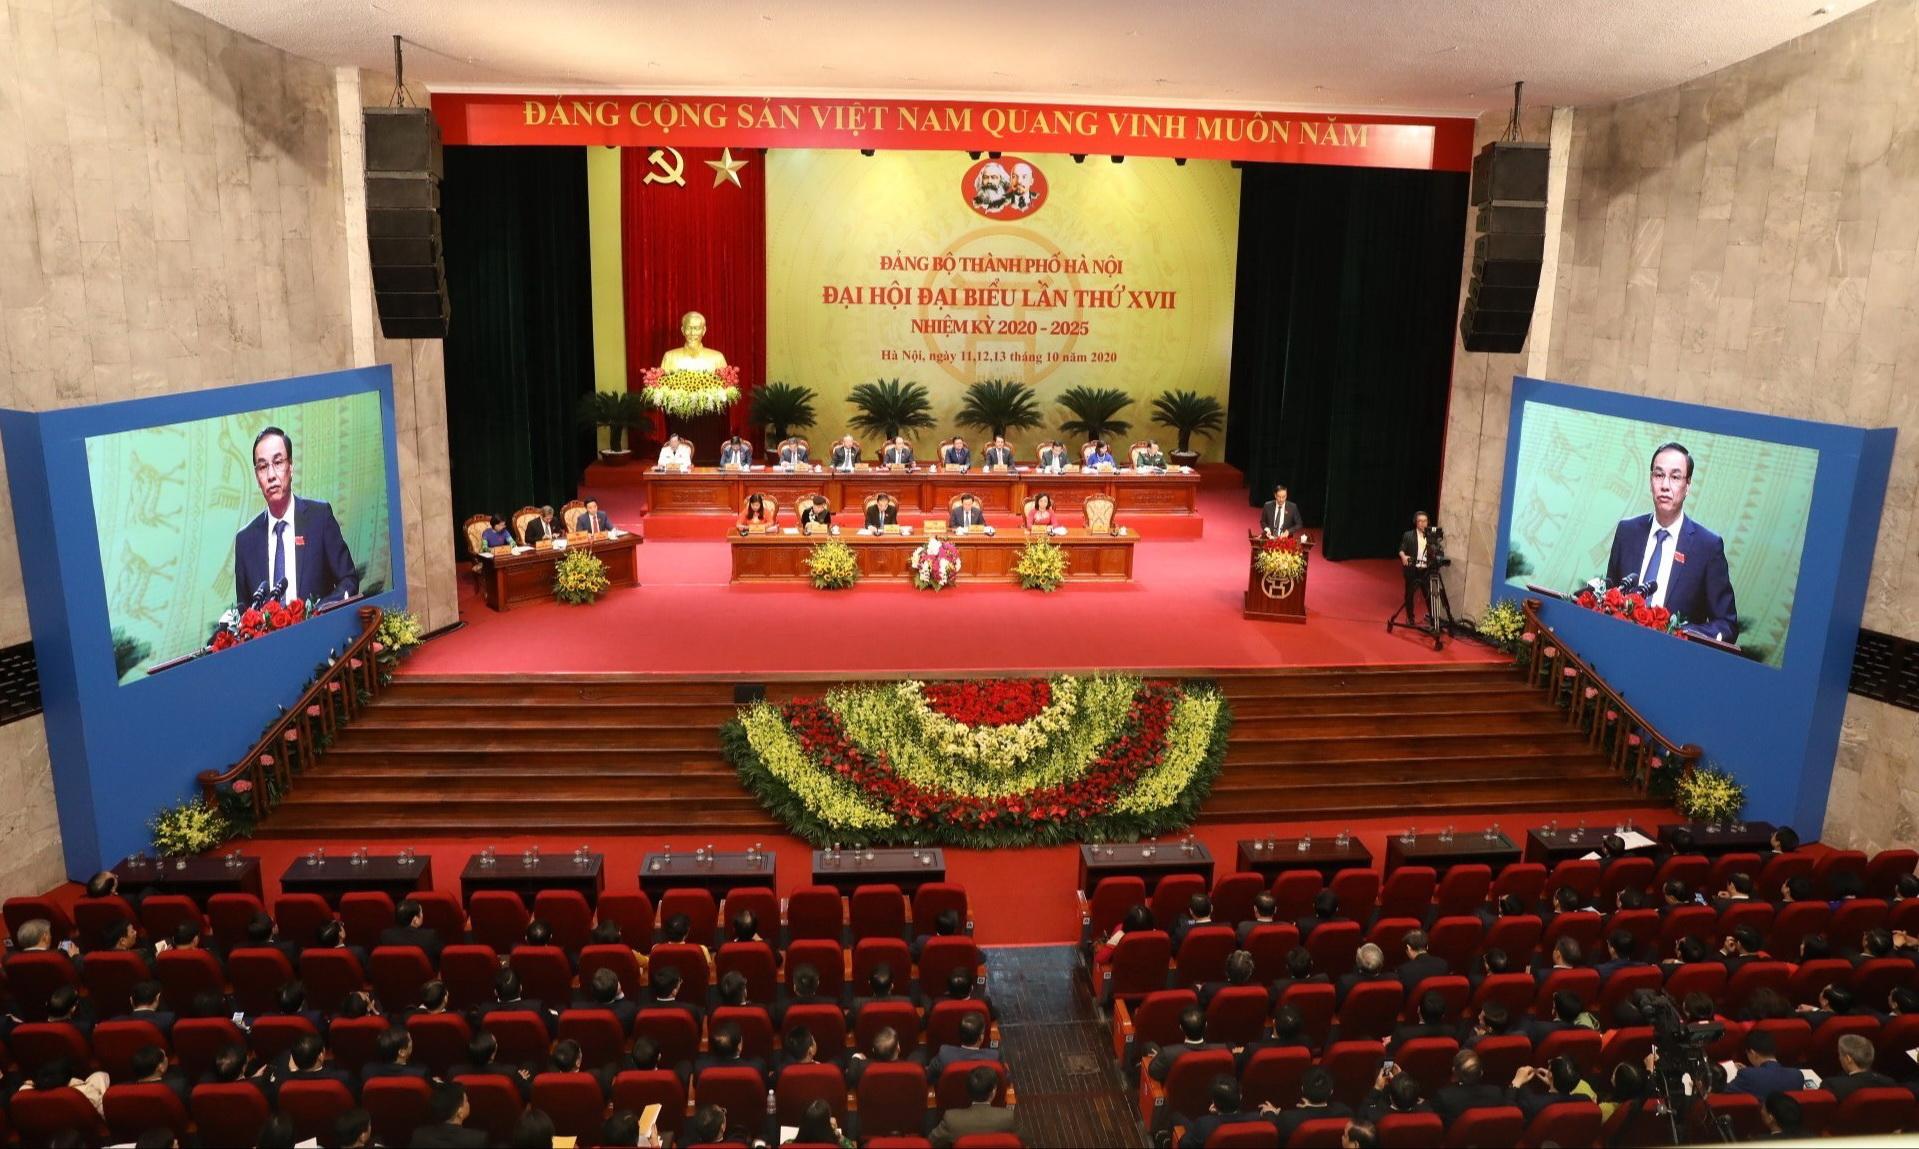 Phiên trù bị Đại hội đại biểu lần thứ XVII Đảng bộ thành phố Hà Nội. (Ảnh Văn Điệp/TTXVN)